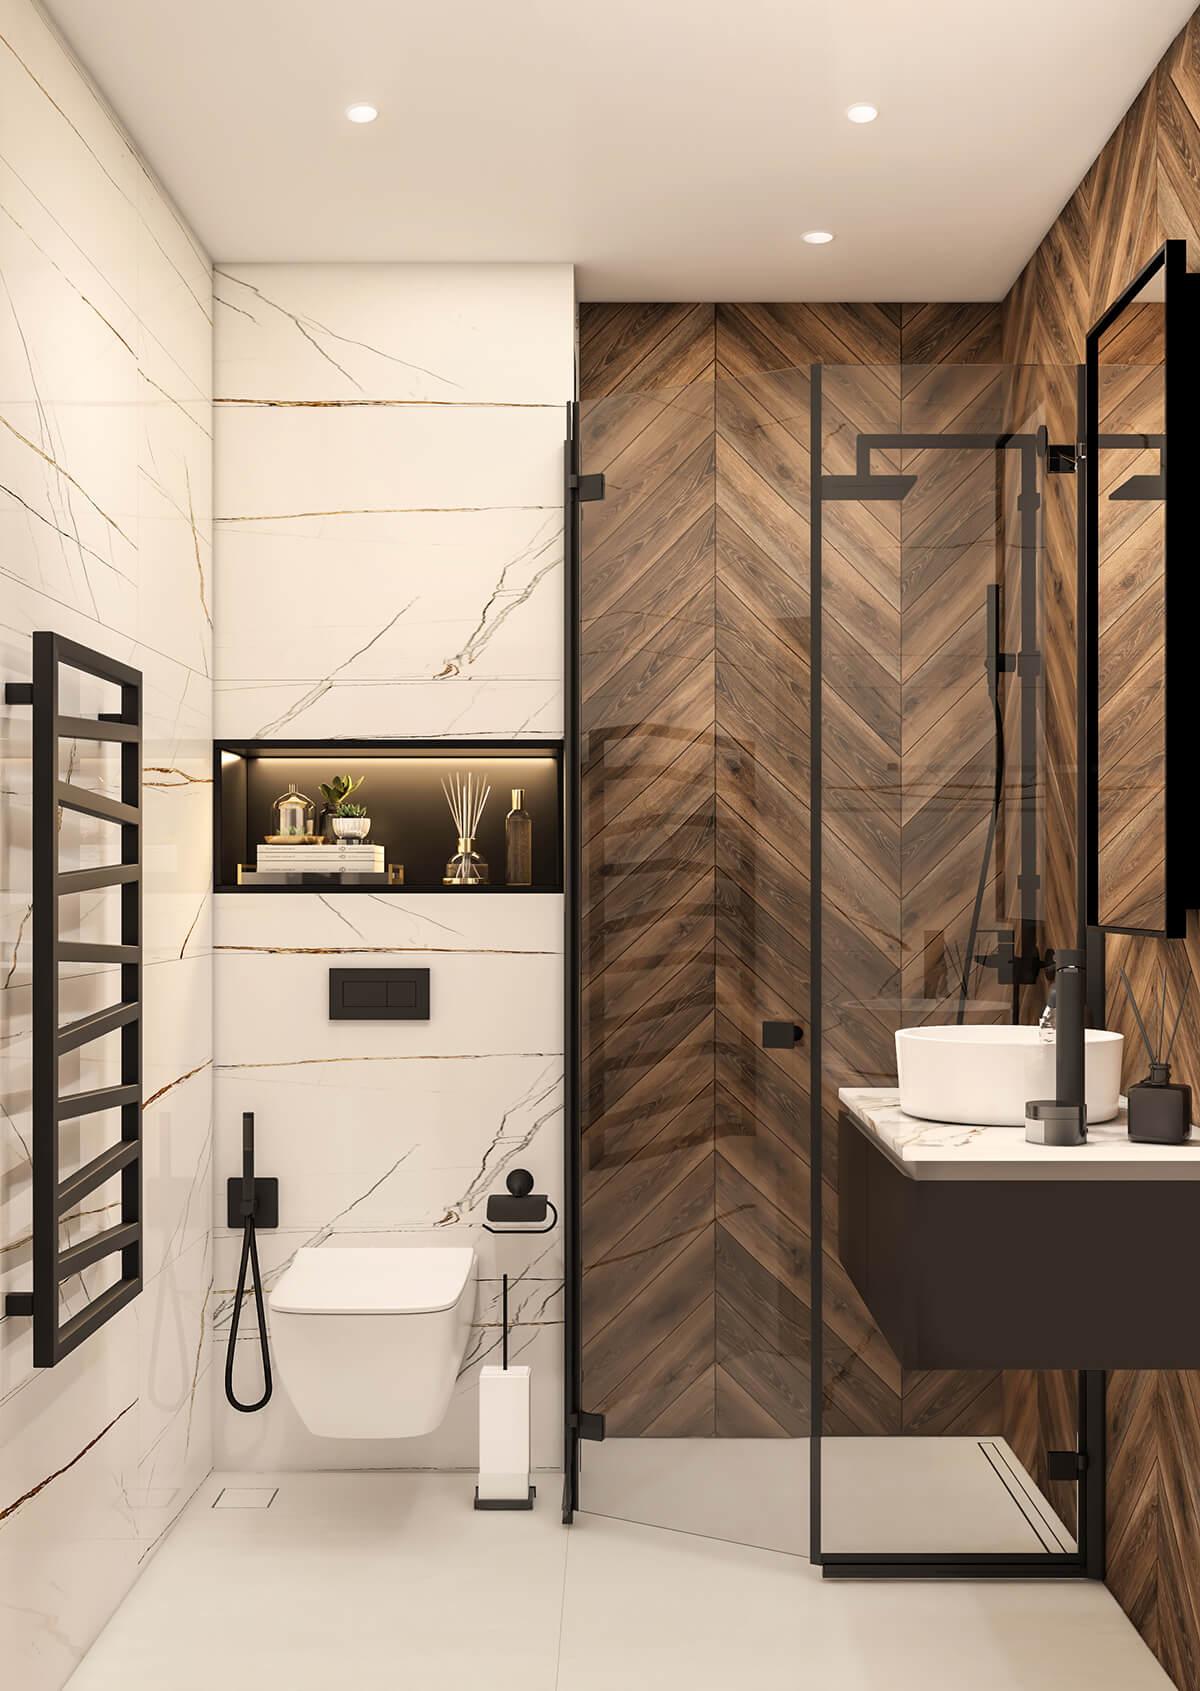 interioren-dizain-proekt-na-banya-po-poruchka-1